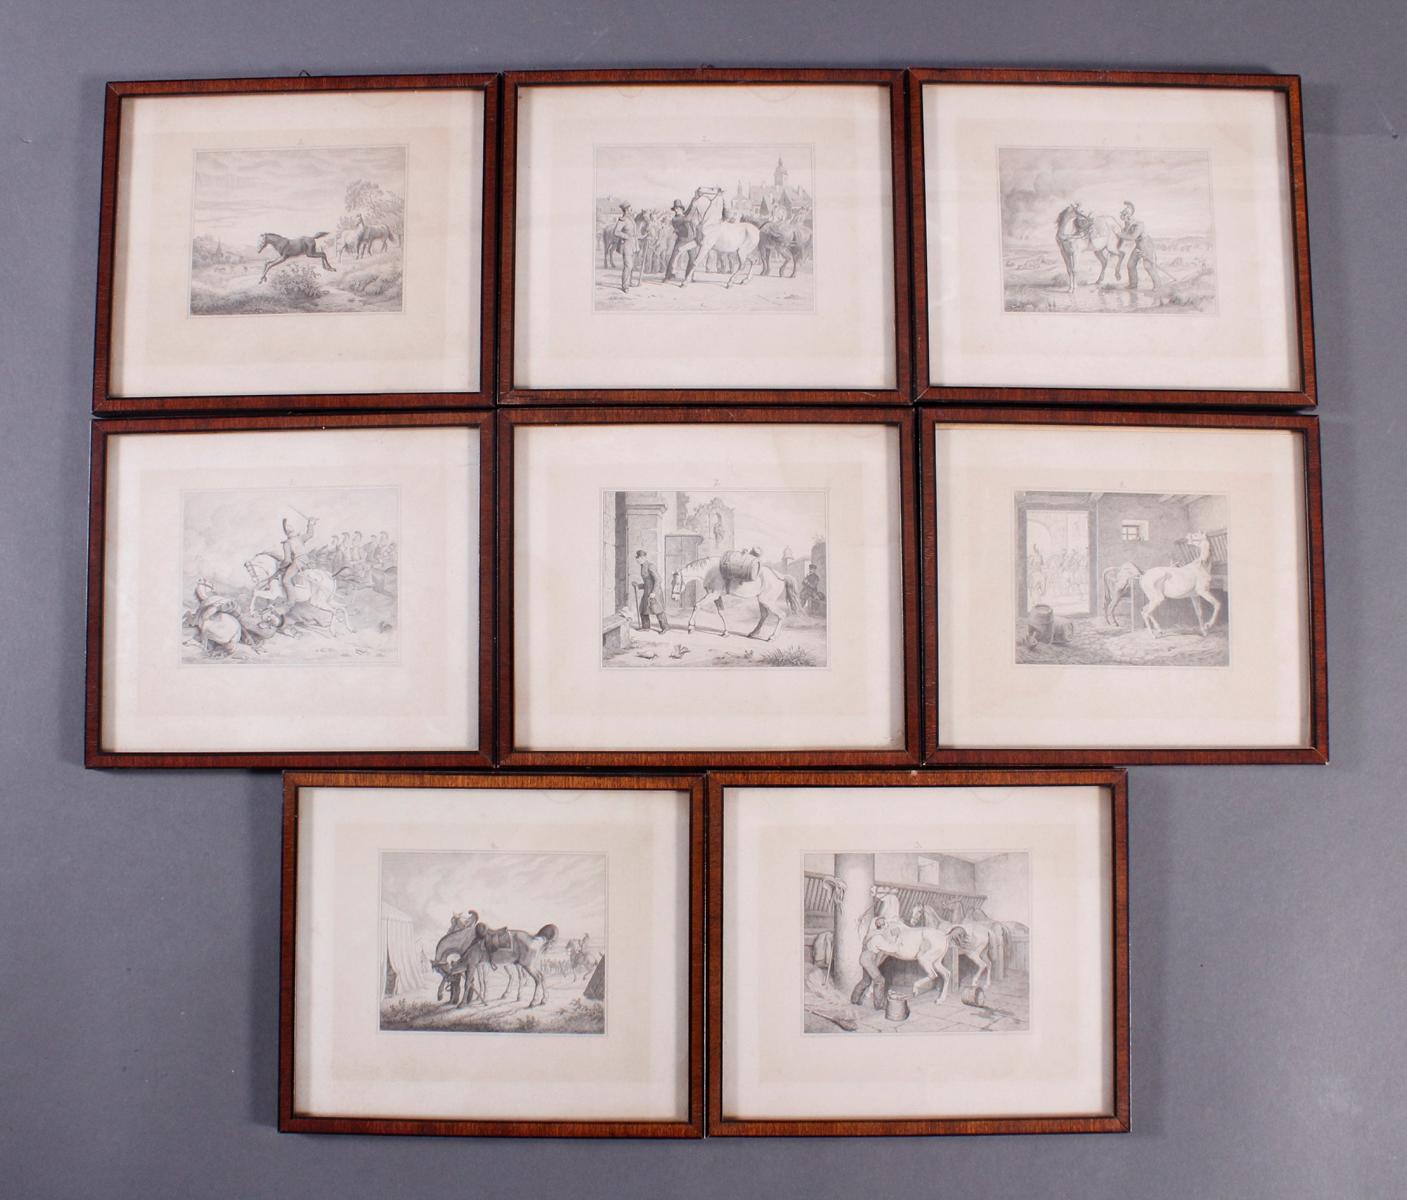 Acht Stahlstiche, Pferde und Reiter, 19. Jahrhundert